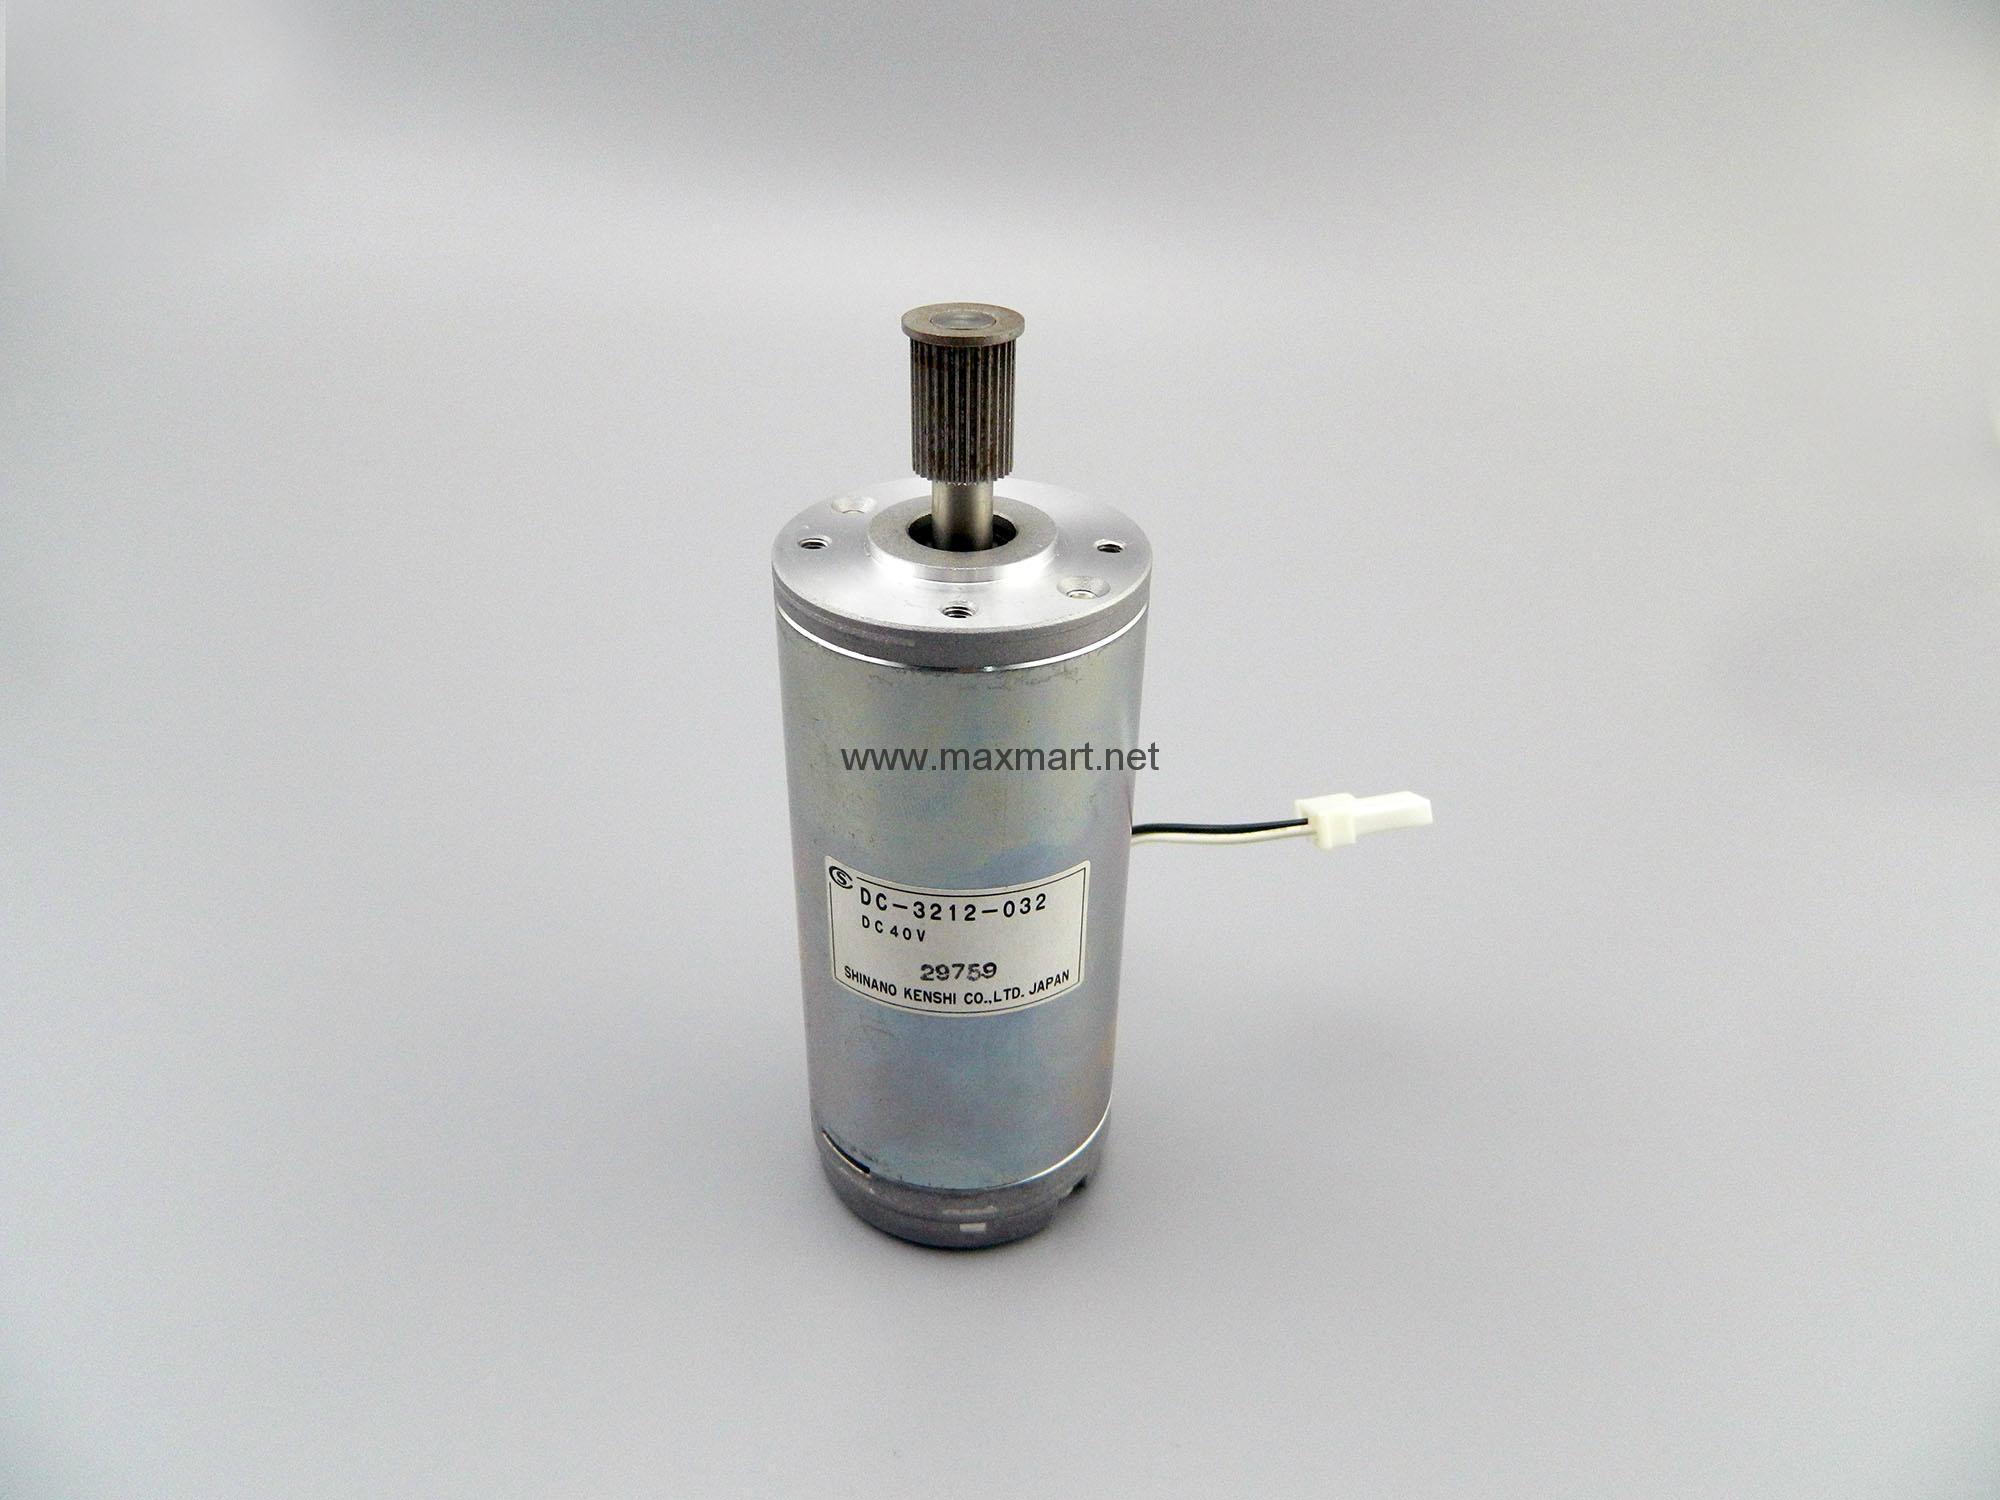 CR motor for Epson Stylus Pro 7600 9600 1